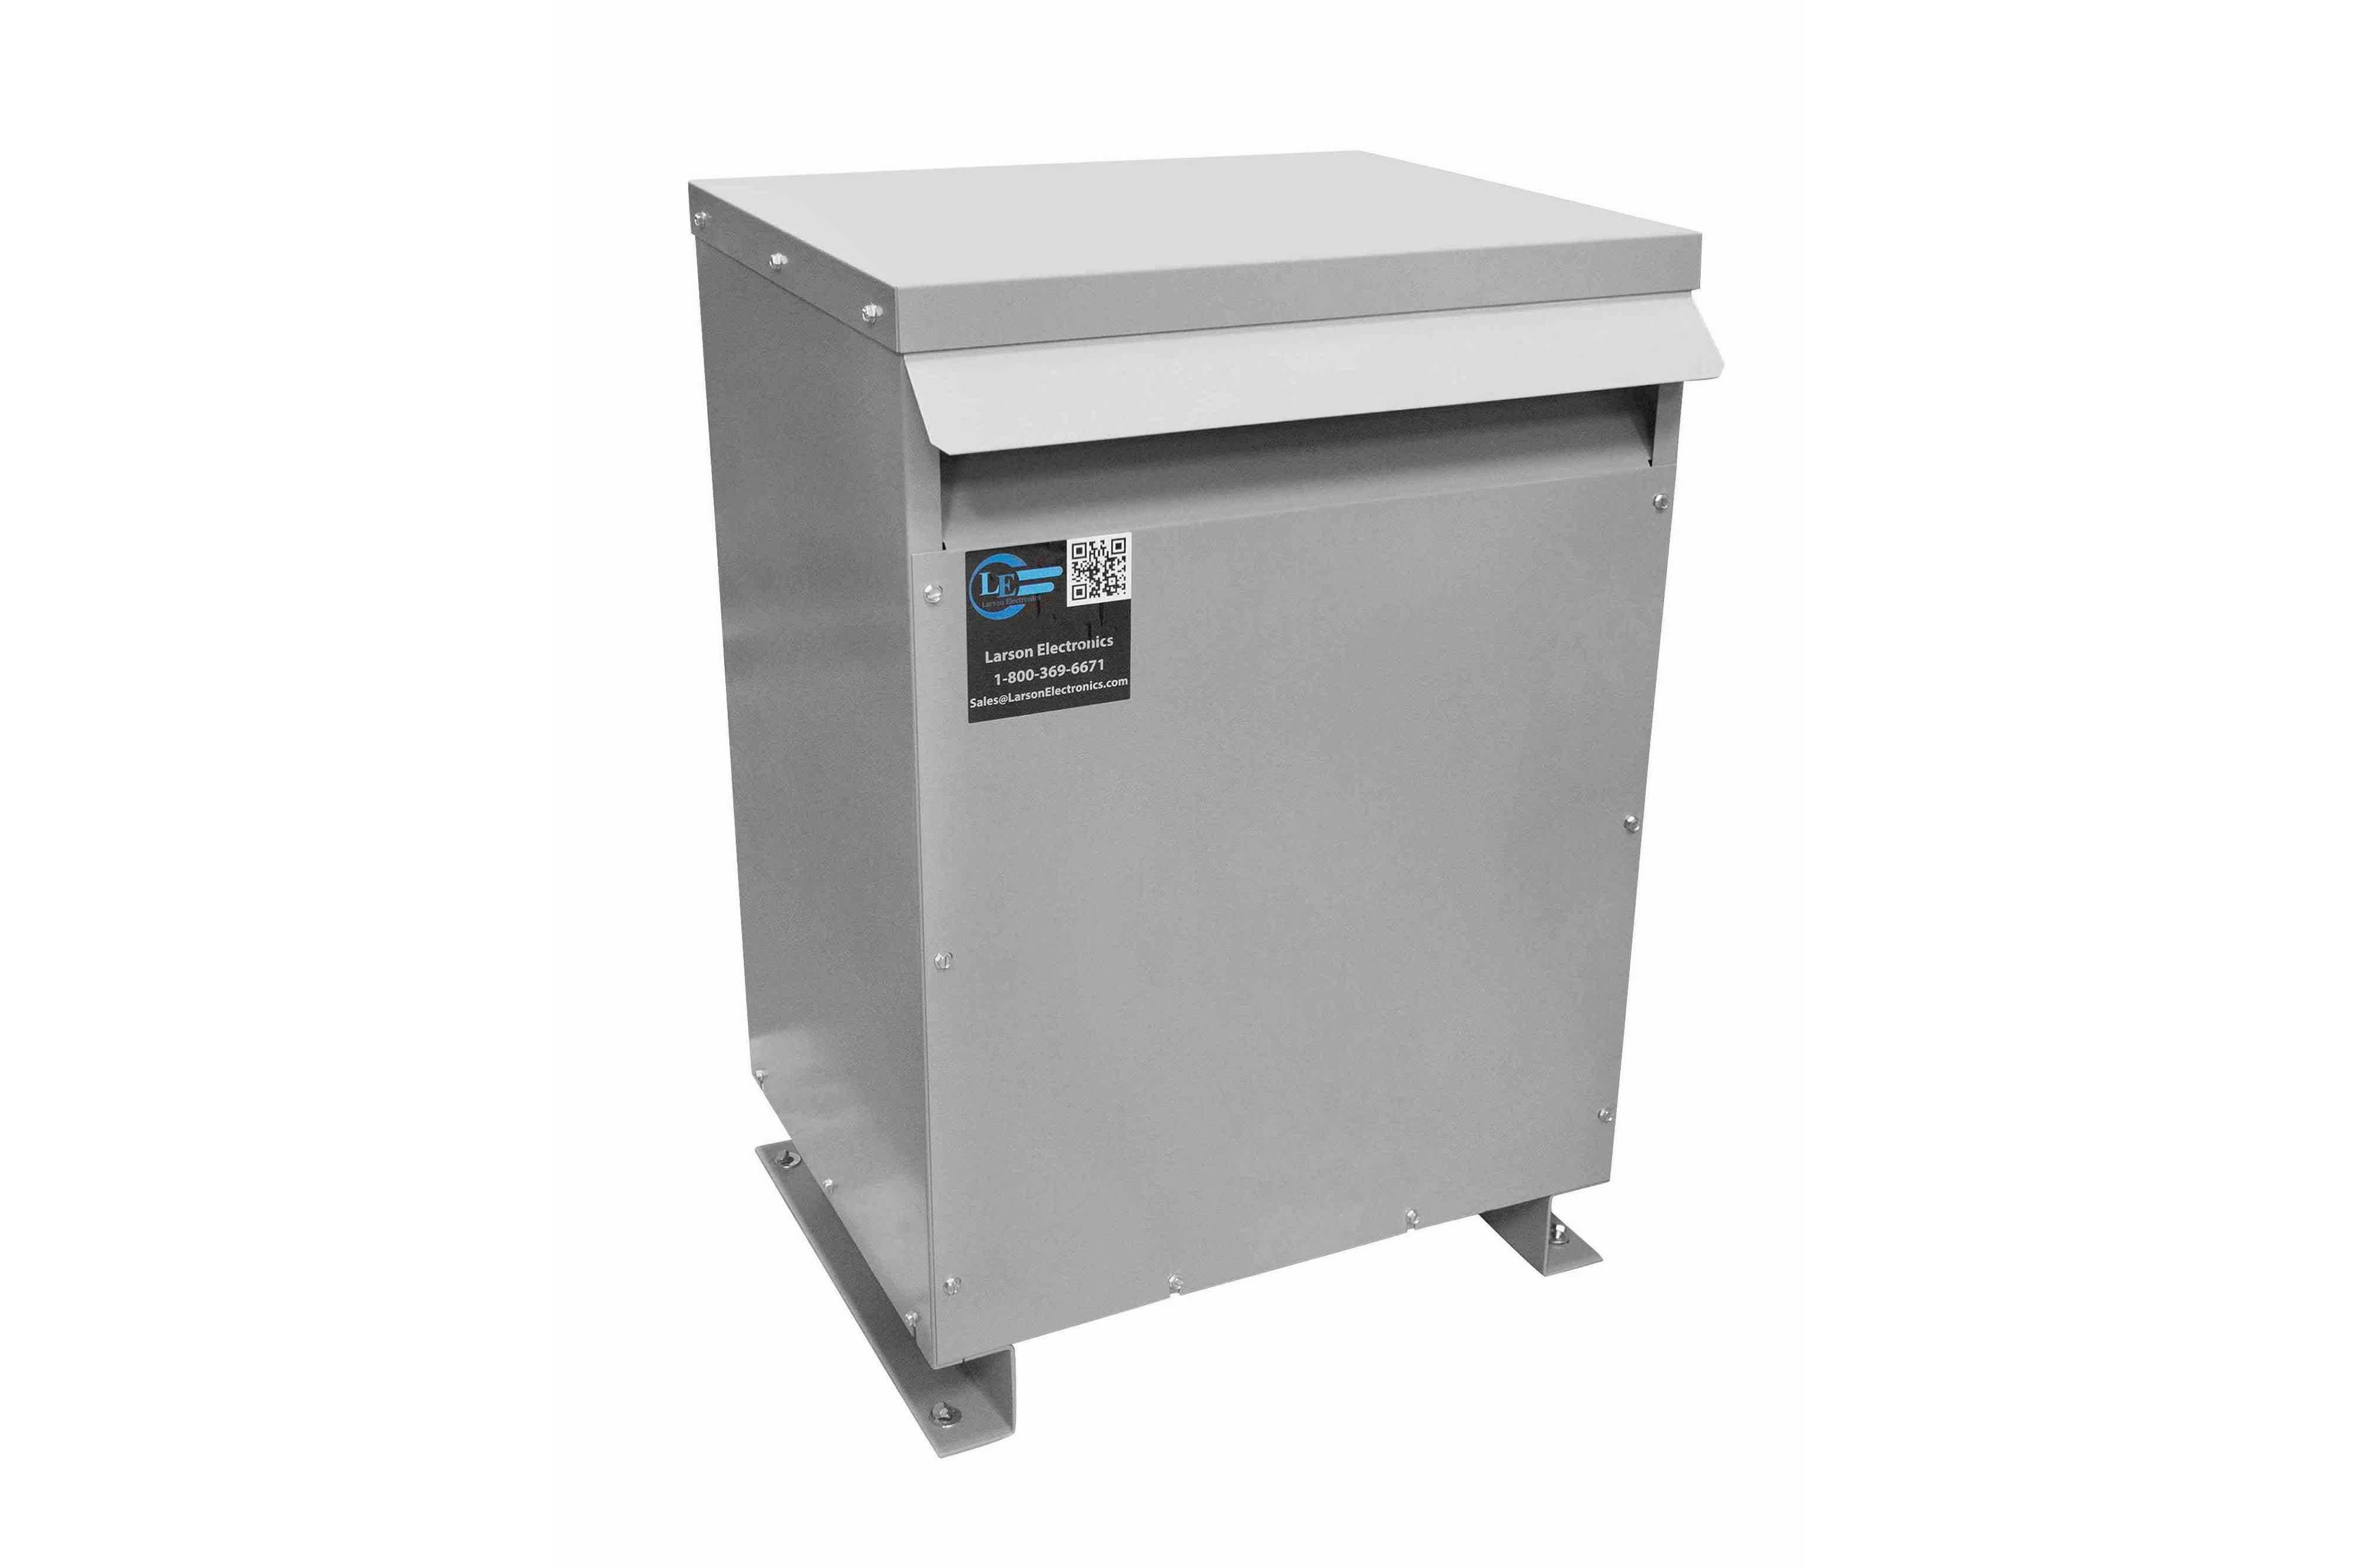 12 kVA 3PH Isolation Transformer, 220V Delta Primary, 208V Delta Secondary, N3R, Ventilated, 60 Hz